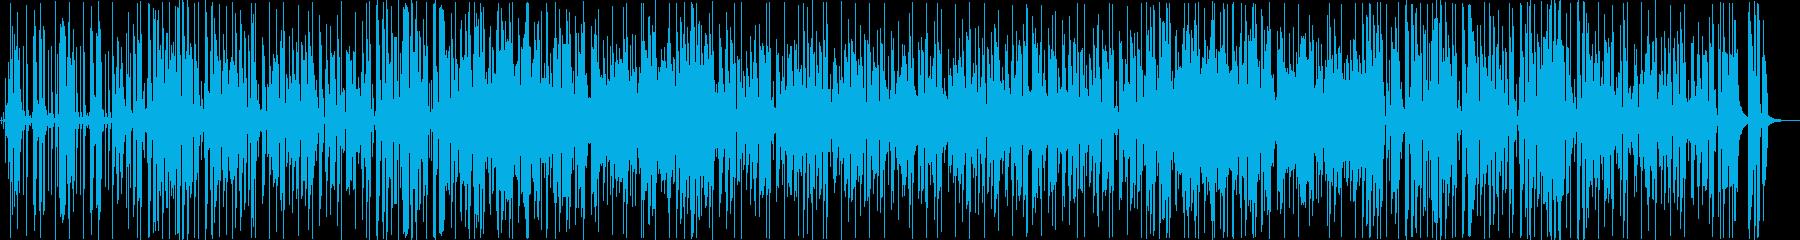 トランペットが印象的なブラスファンクの再生済みの波形